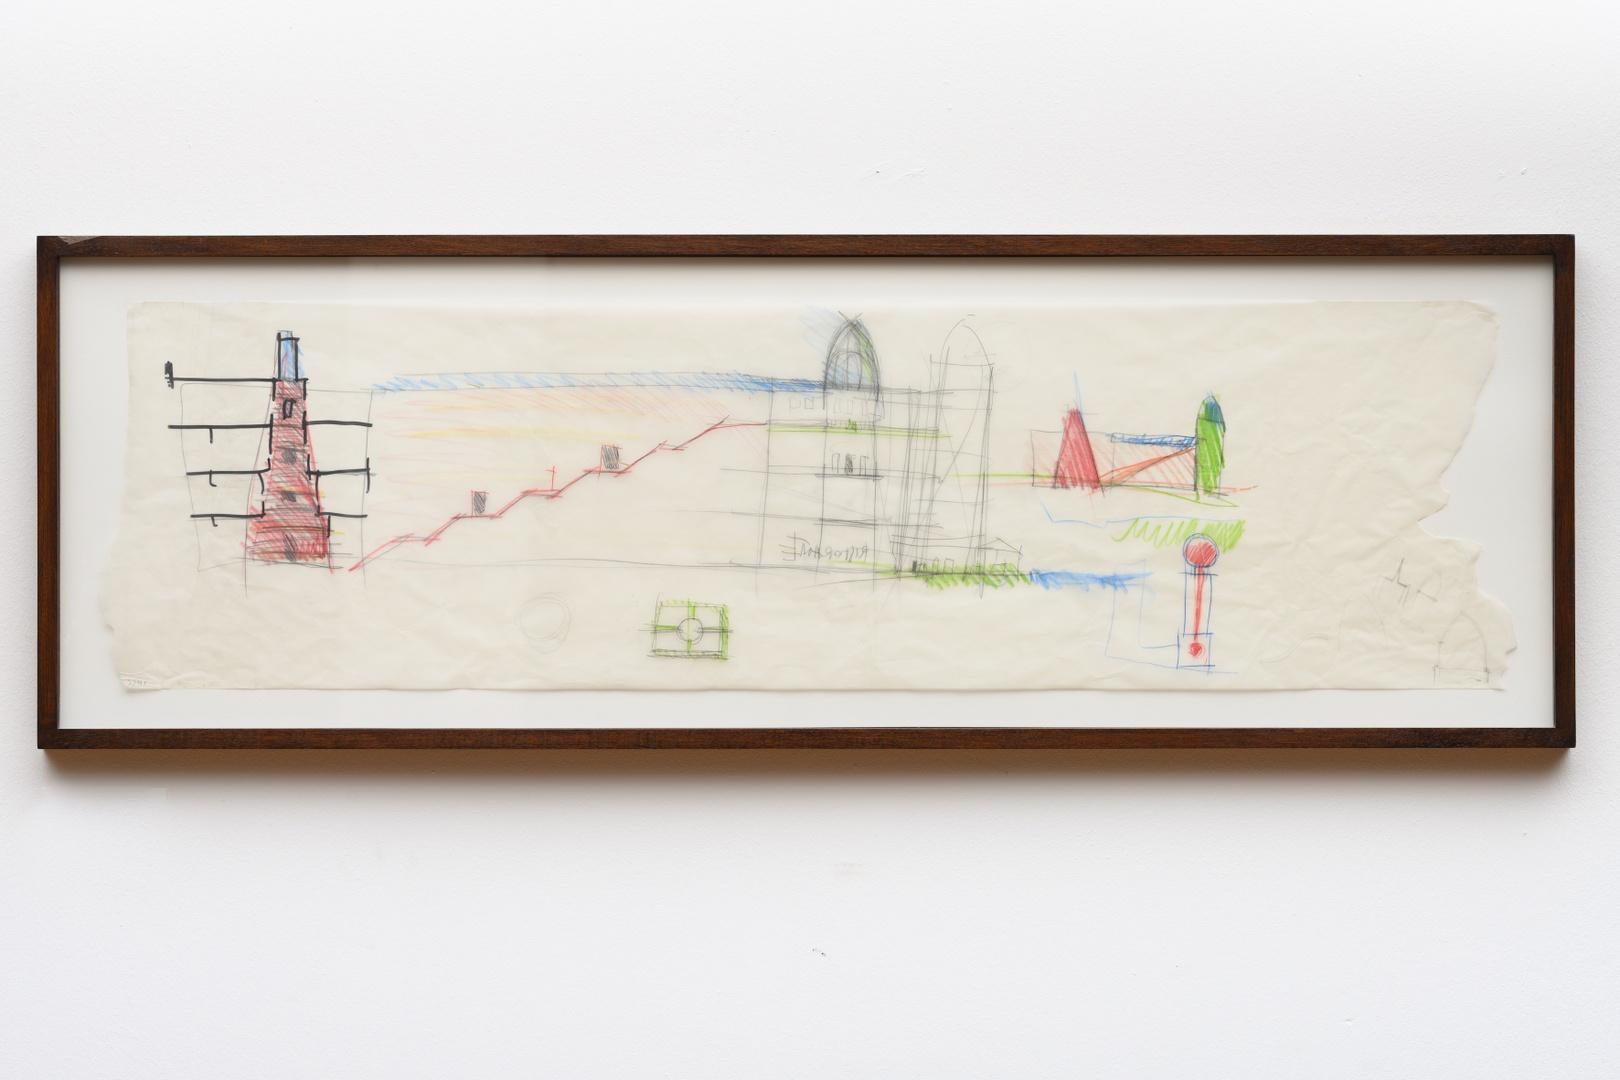 Ontwerp Bonnefantenmuseum: ontwerpschets lengtedoorsnede middenvleugel